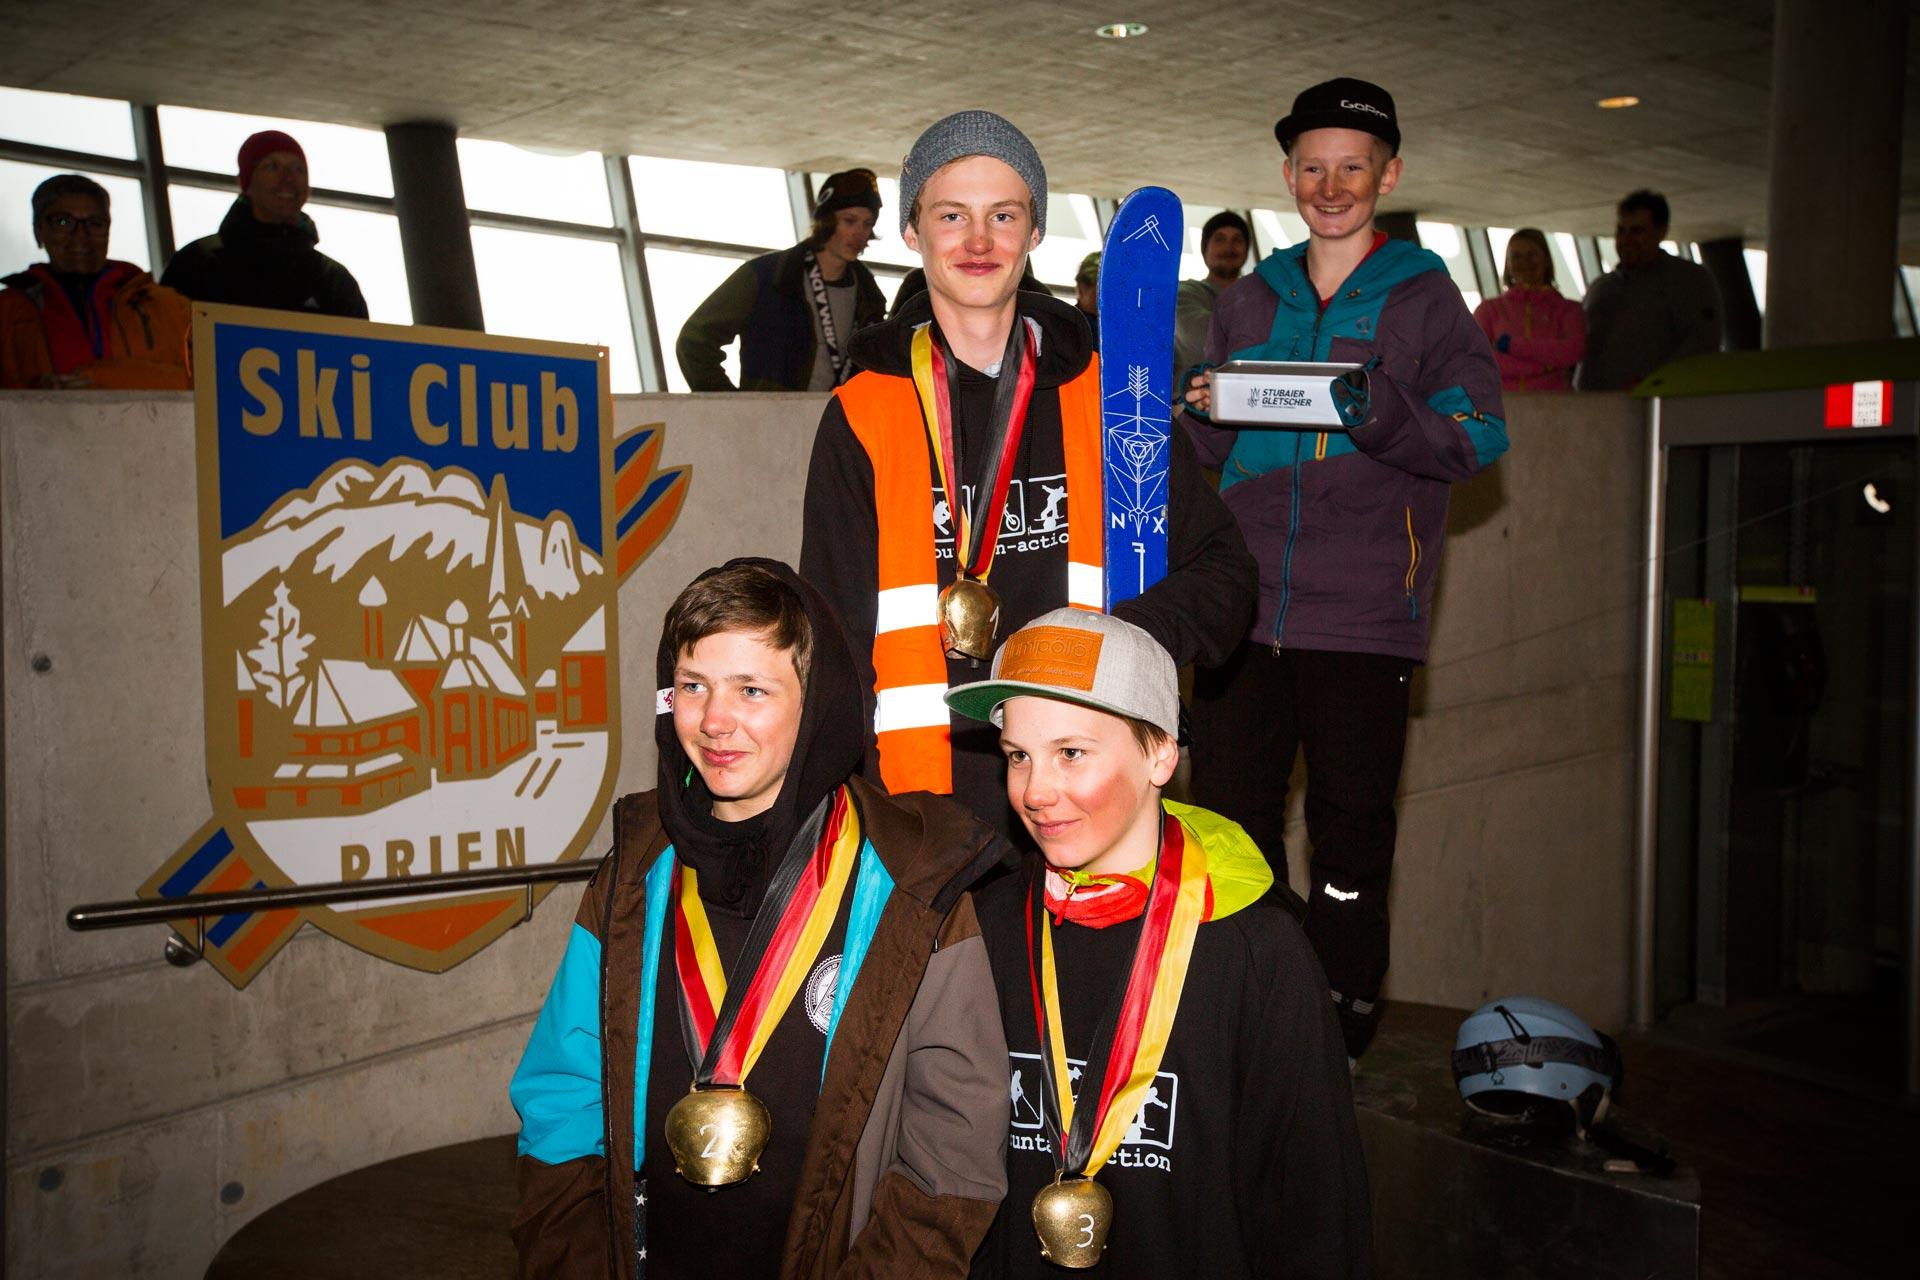 Podium der Boys, Jahrgang 02 - 03: Emil Rothbauer, David Zehentner, Martin Aigner - Foto: Florian Breitenberger